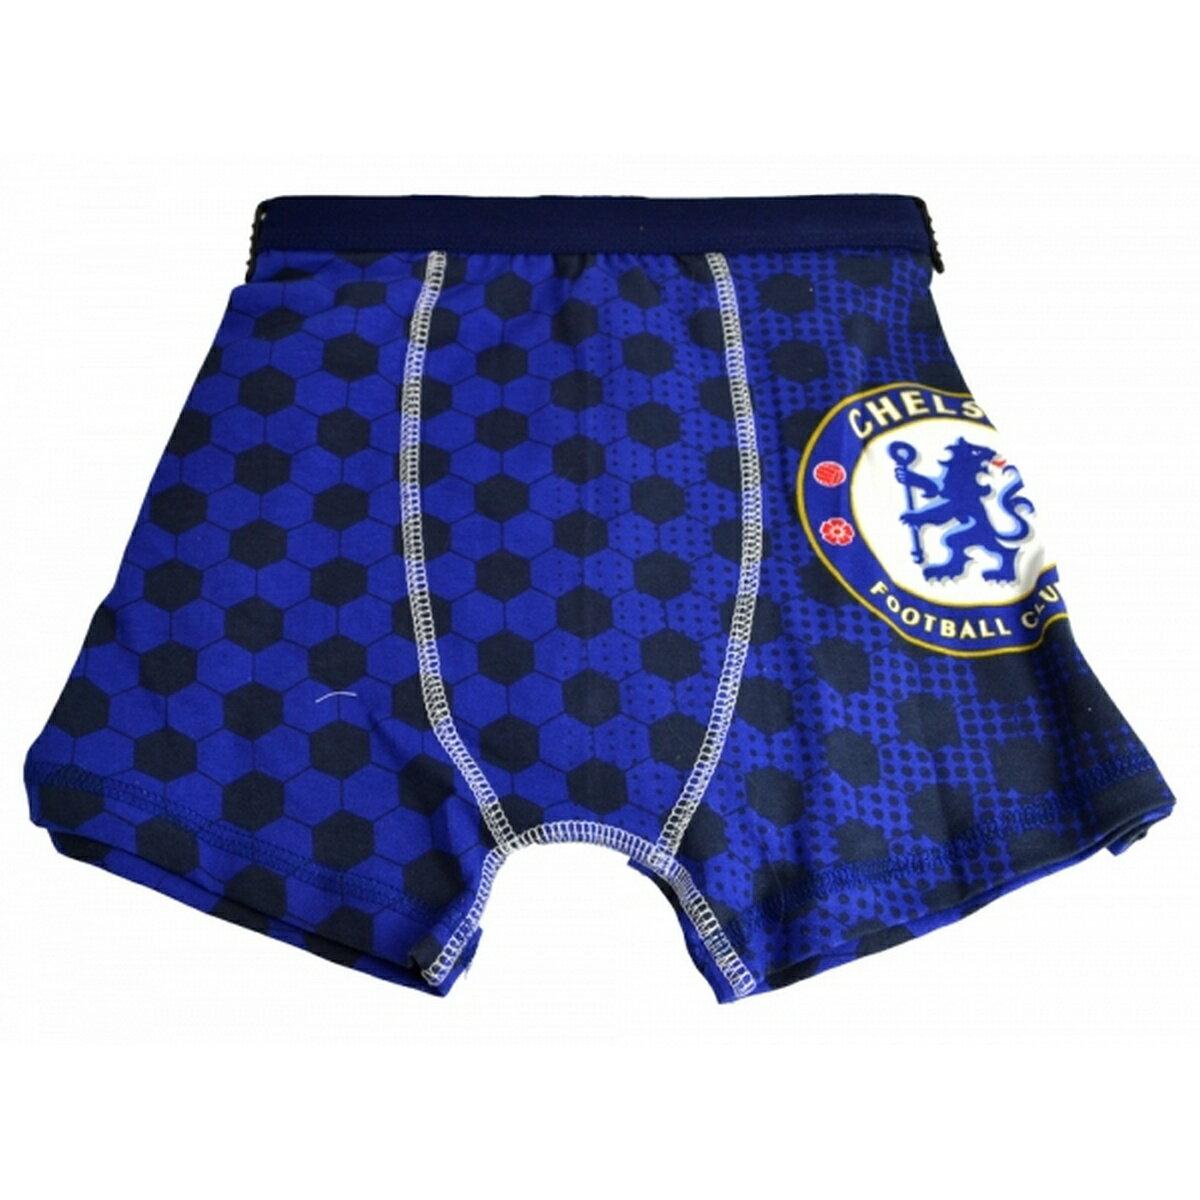 チェルシー フットボールクラブ Chelsea FC オフィシャル商品 子供用 ボクサーパンツ 【楽天海外直送】